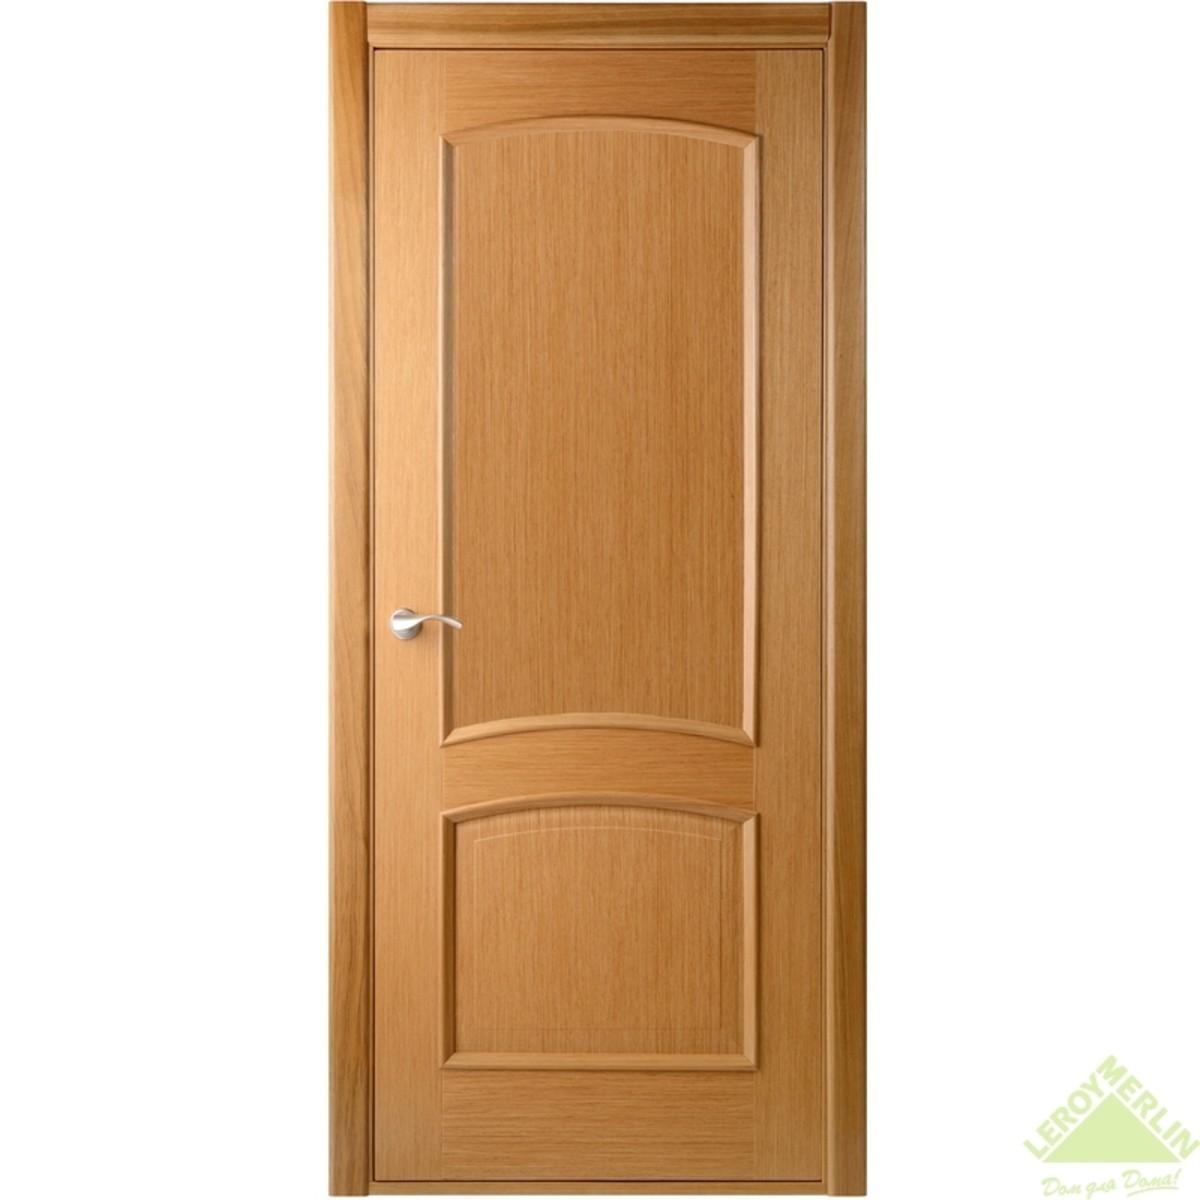 Полотно дверное глухое Сорренто 2000x900 мм шпон дуб